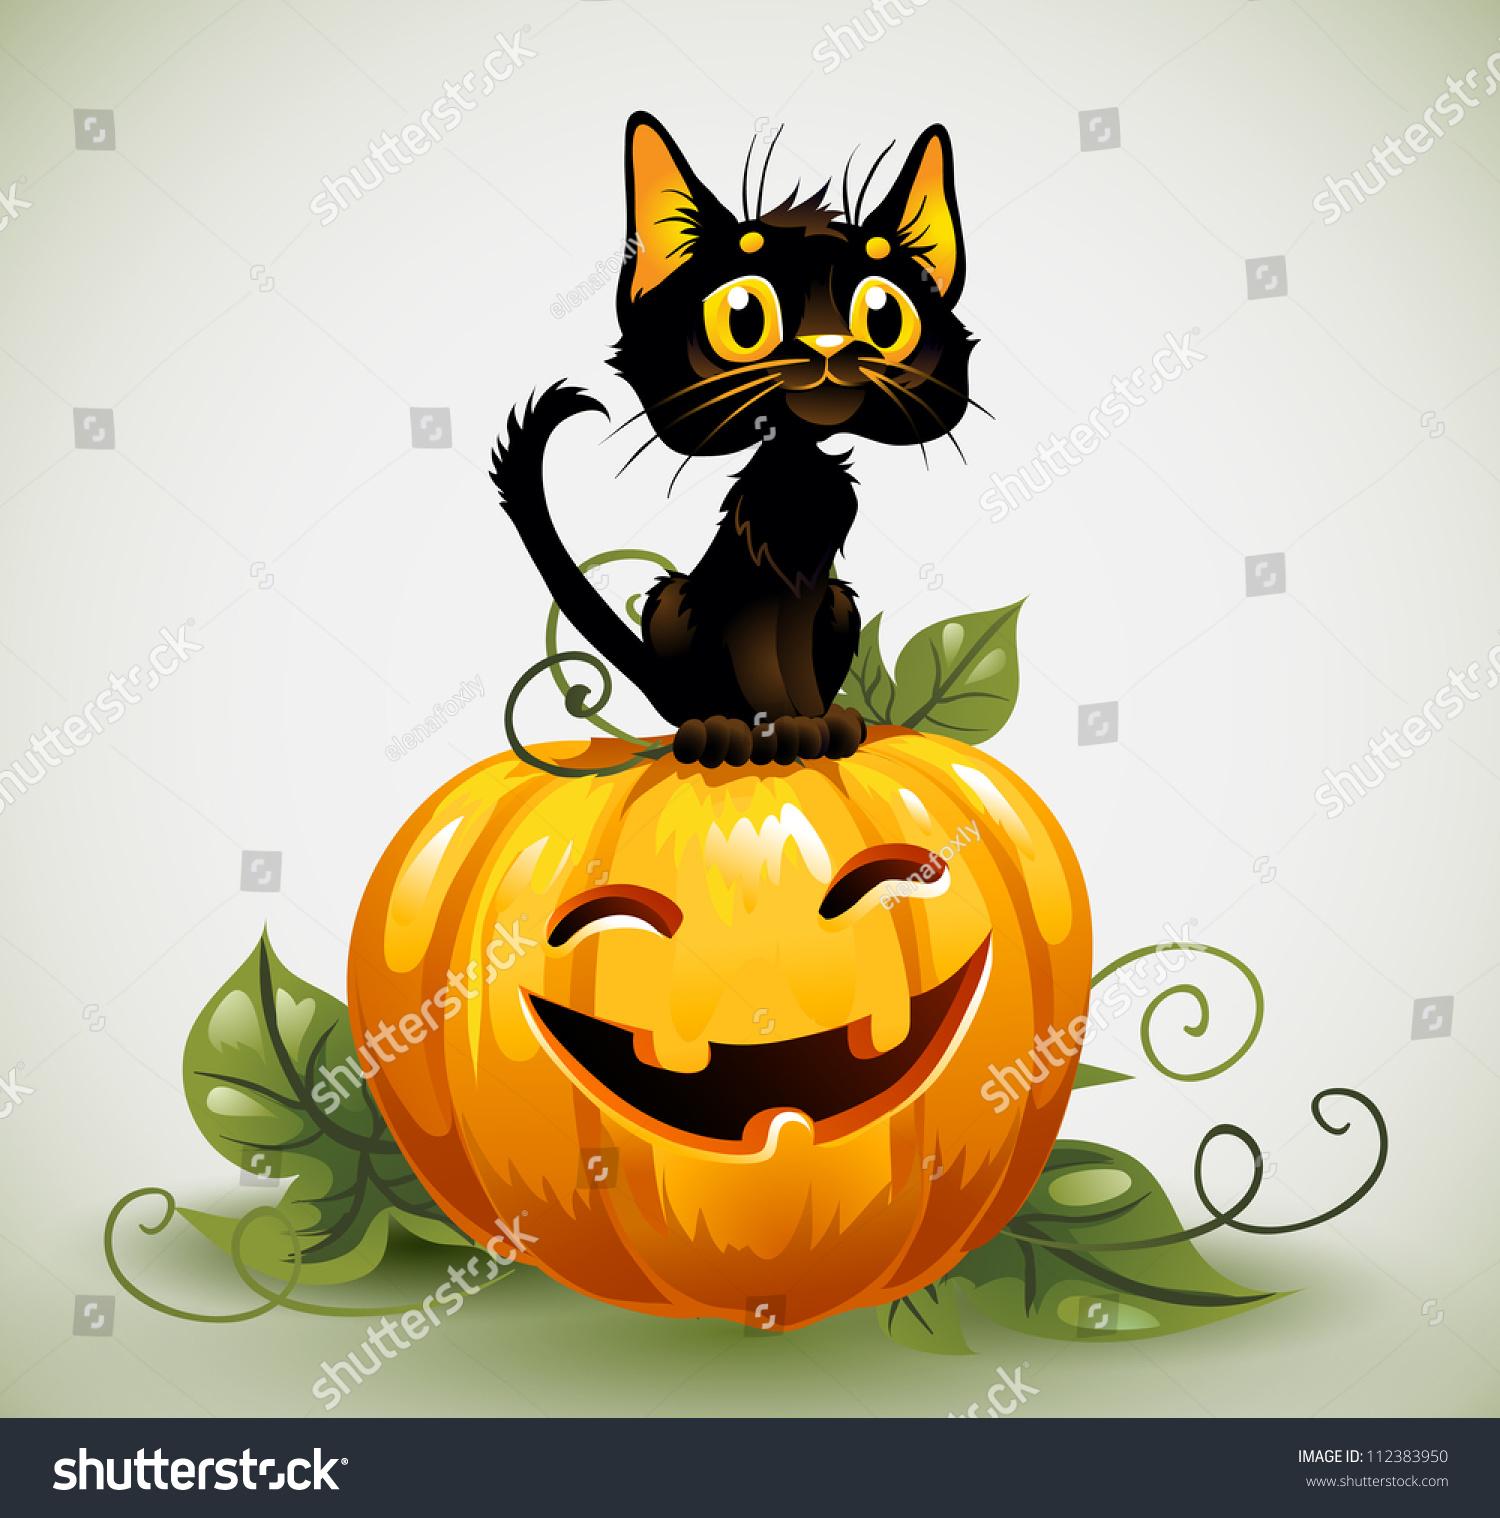 a cute black cat on a halloween pumpkin